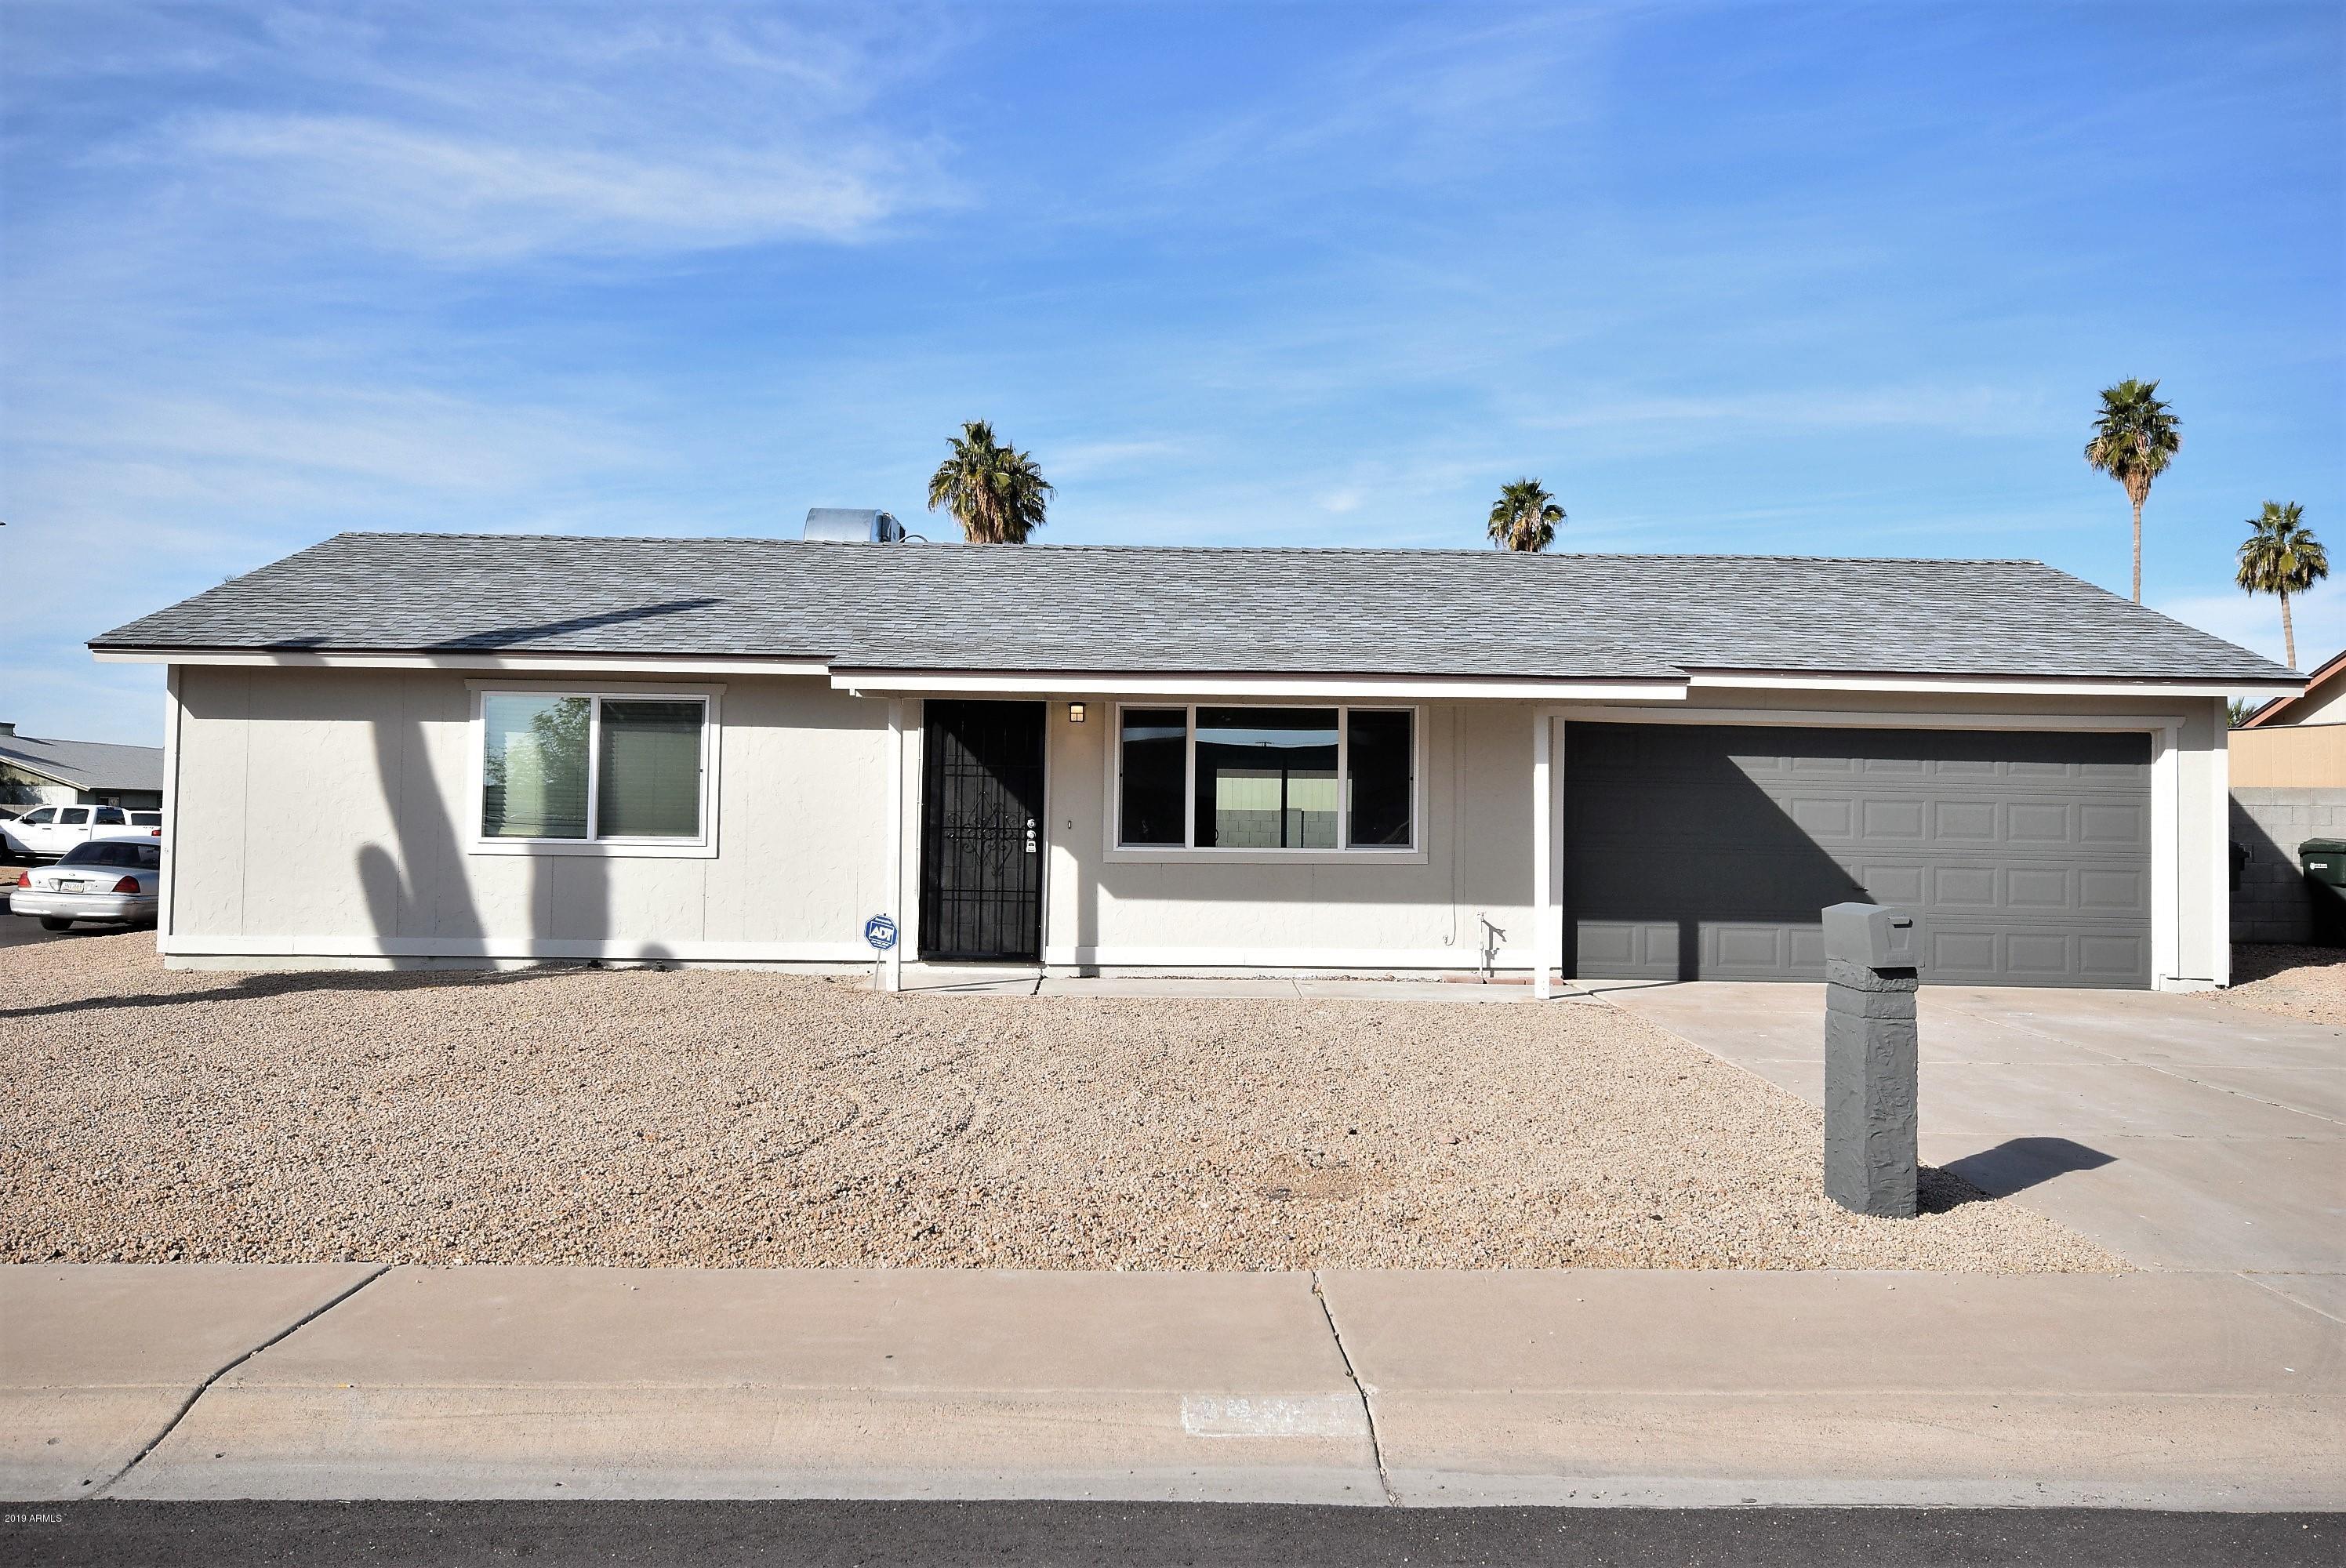 Photo for 18202 N 31st Lane, Phoenix, AZ 85053 (MLS # 5881492)